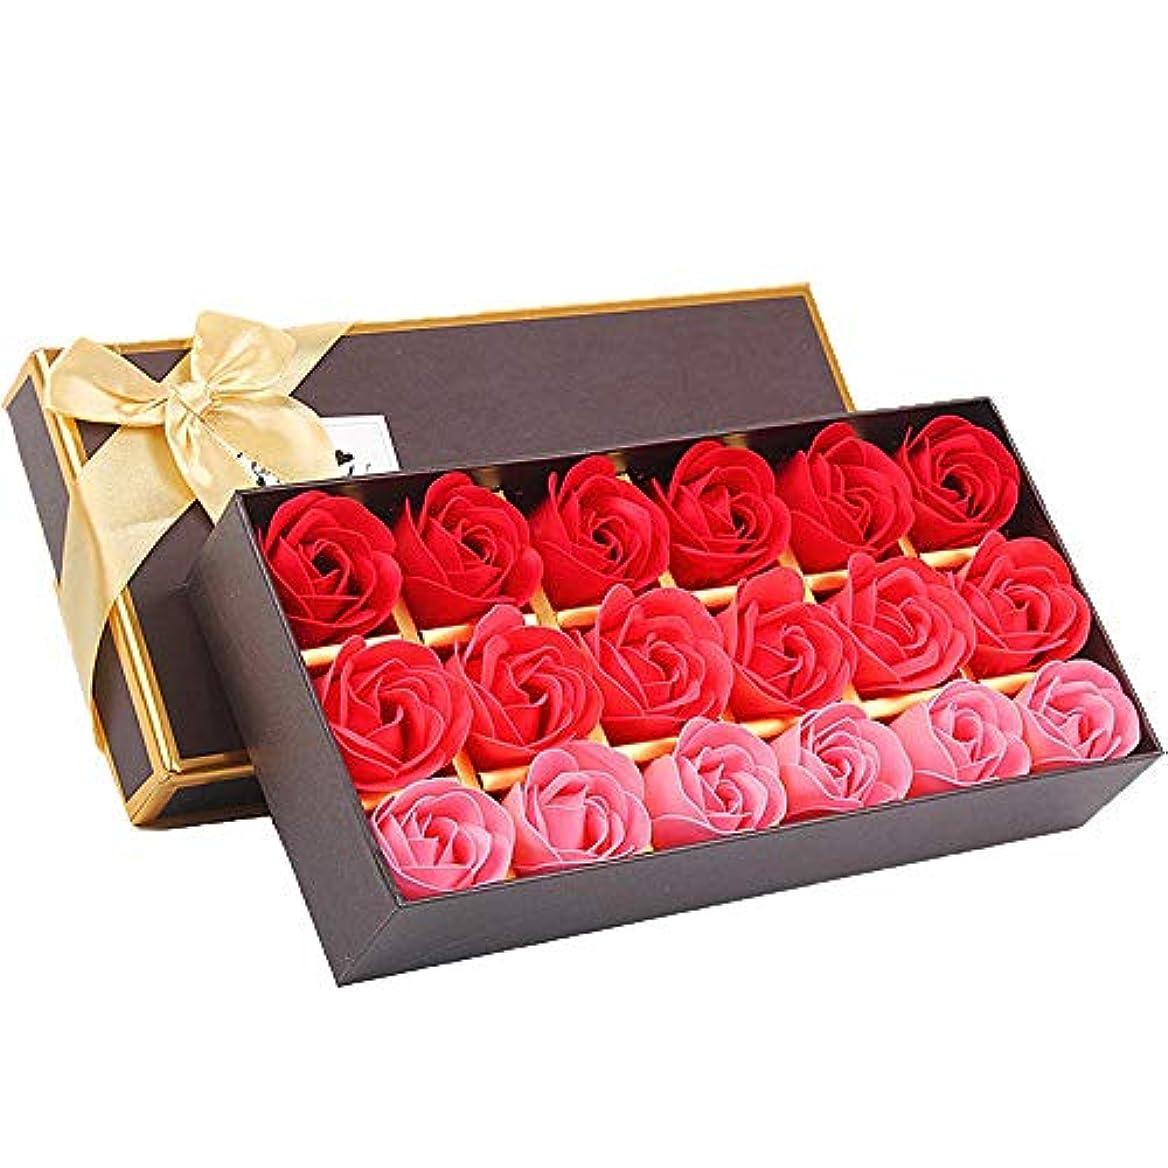 アシスト乱雑な囚人18個の手作りのローズの香りのバスソープの花びら香りのバスソープは、ギフトボックスの花びらをバラ (色 : 赤)